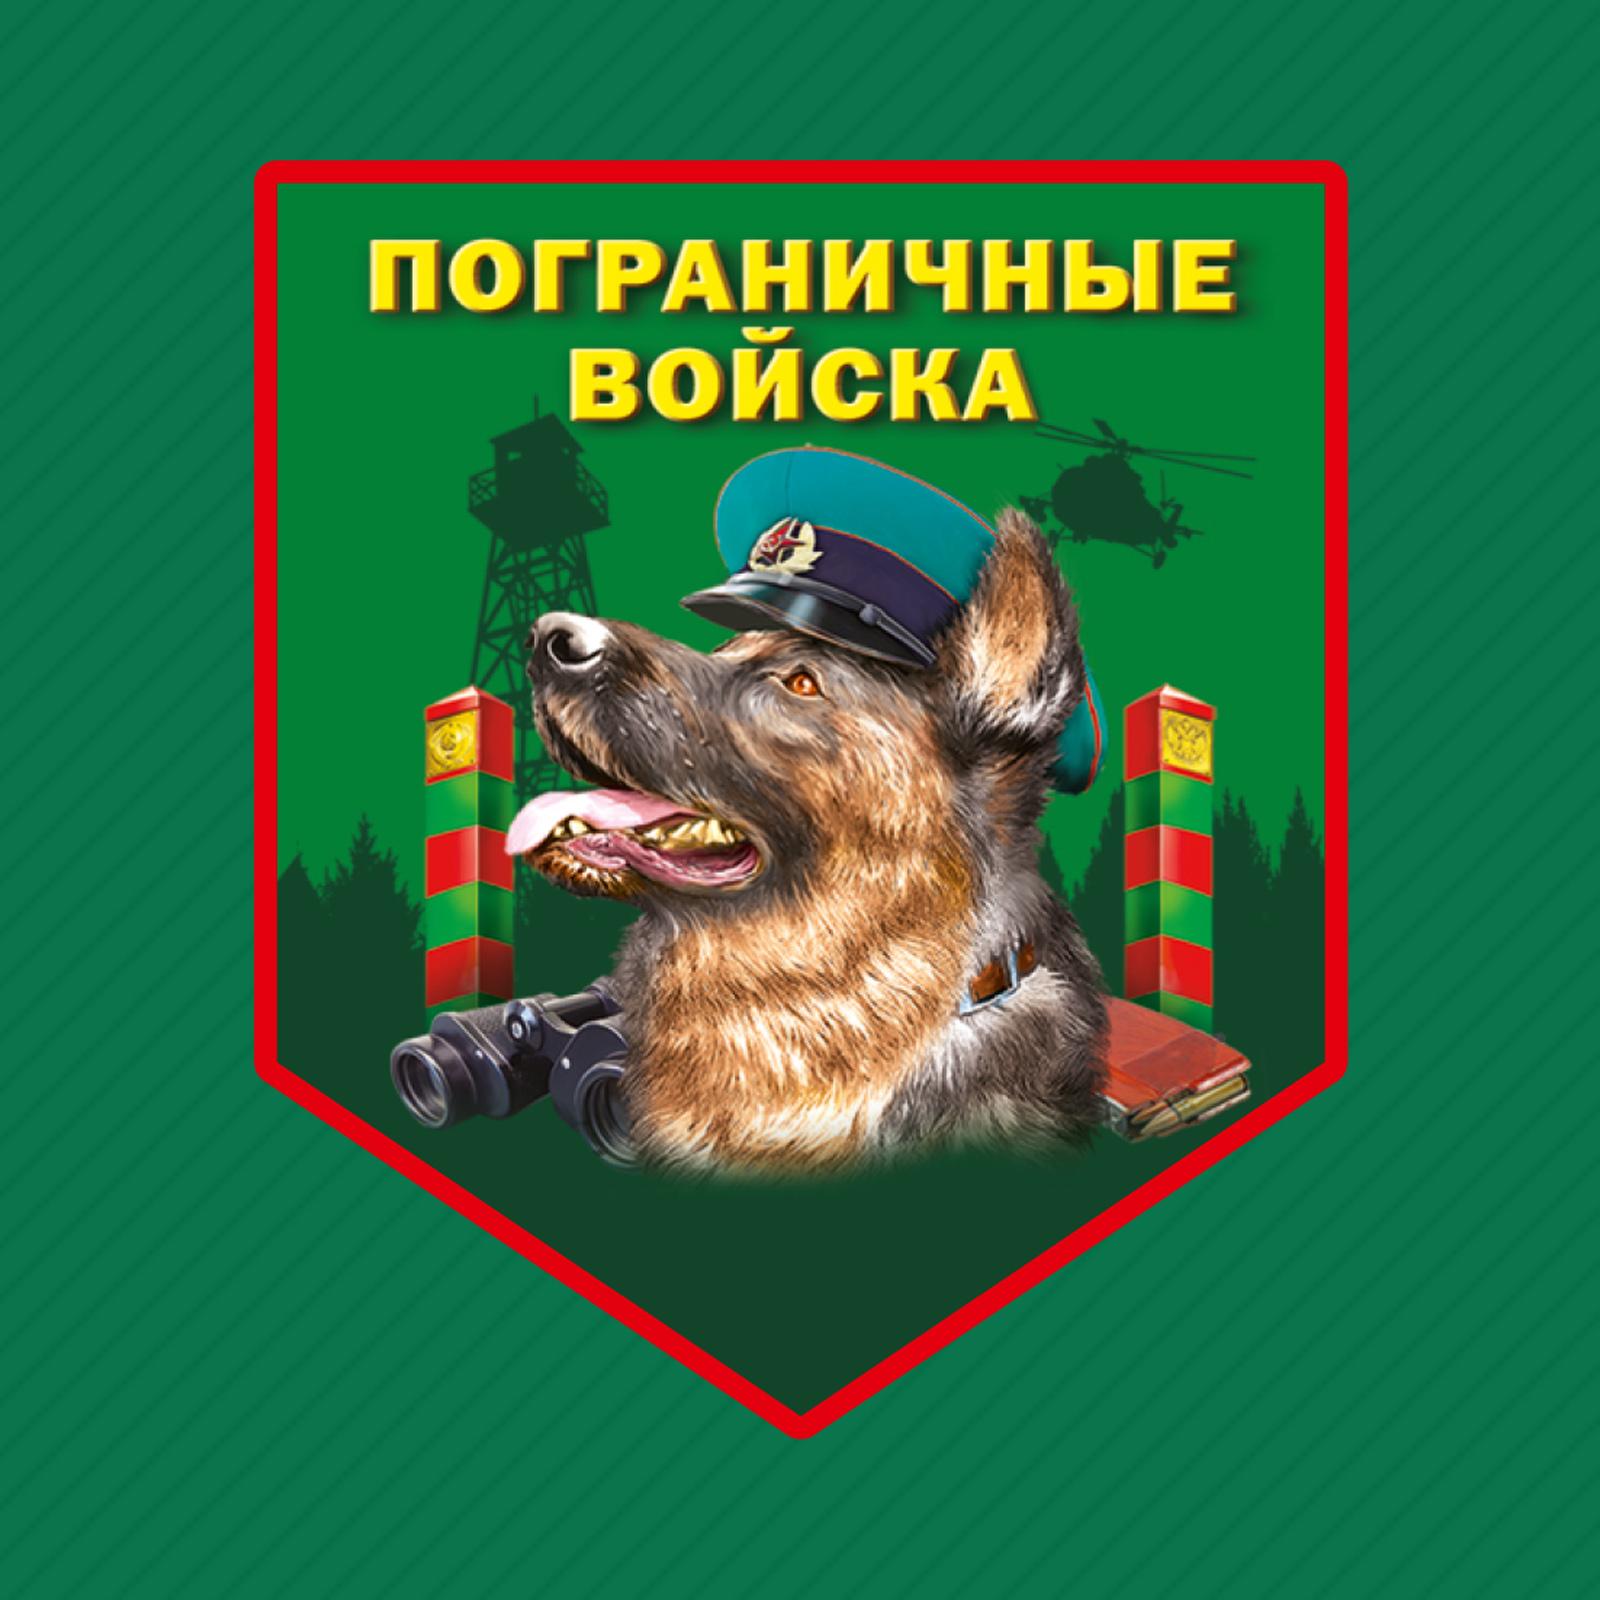 Купить зеленую бейсболку с термотрансфером Пограничные Войска с доставкой